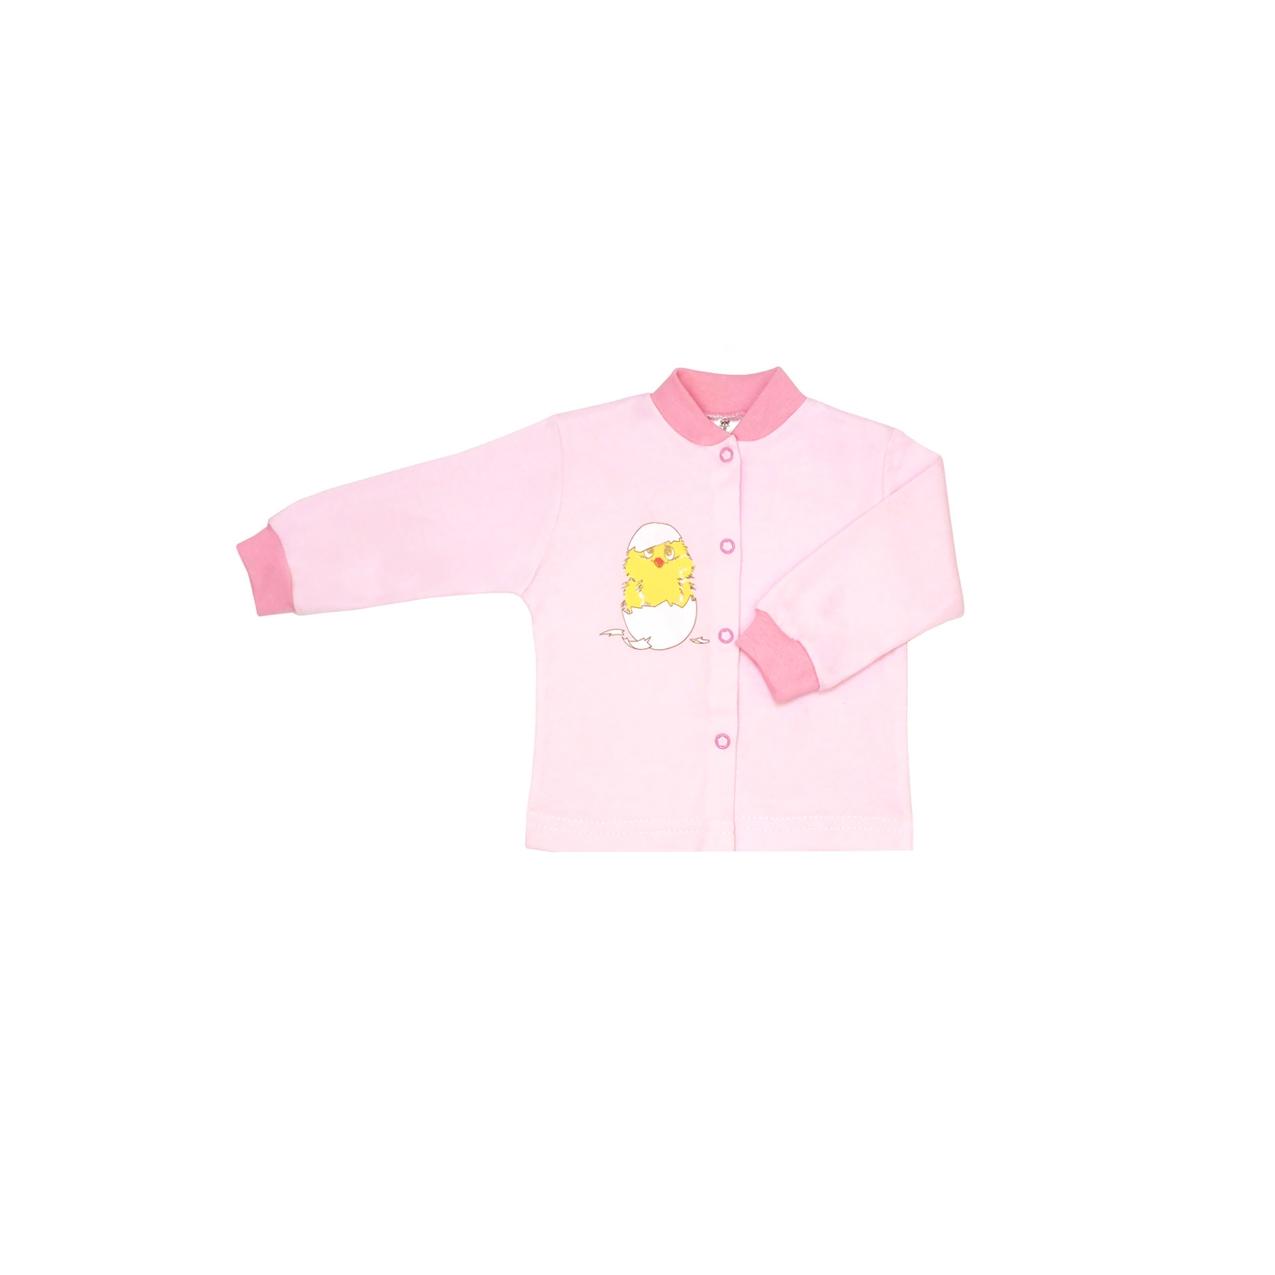 Кофточка КОТМАРКОТ для девочки, цвет розовый, Цыпленок 1 год (размер 86)<br>